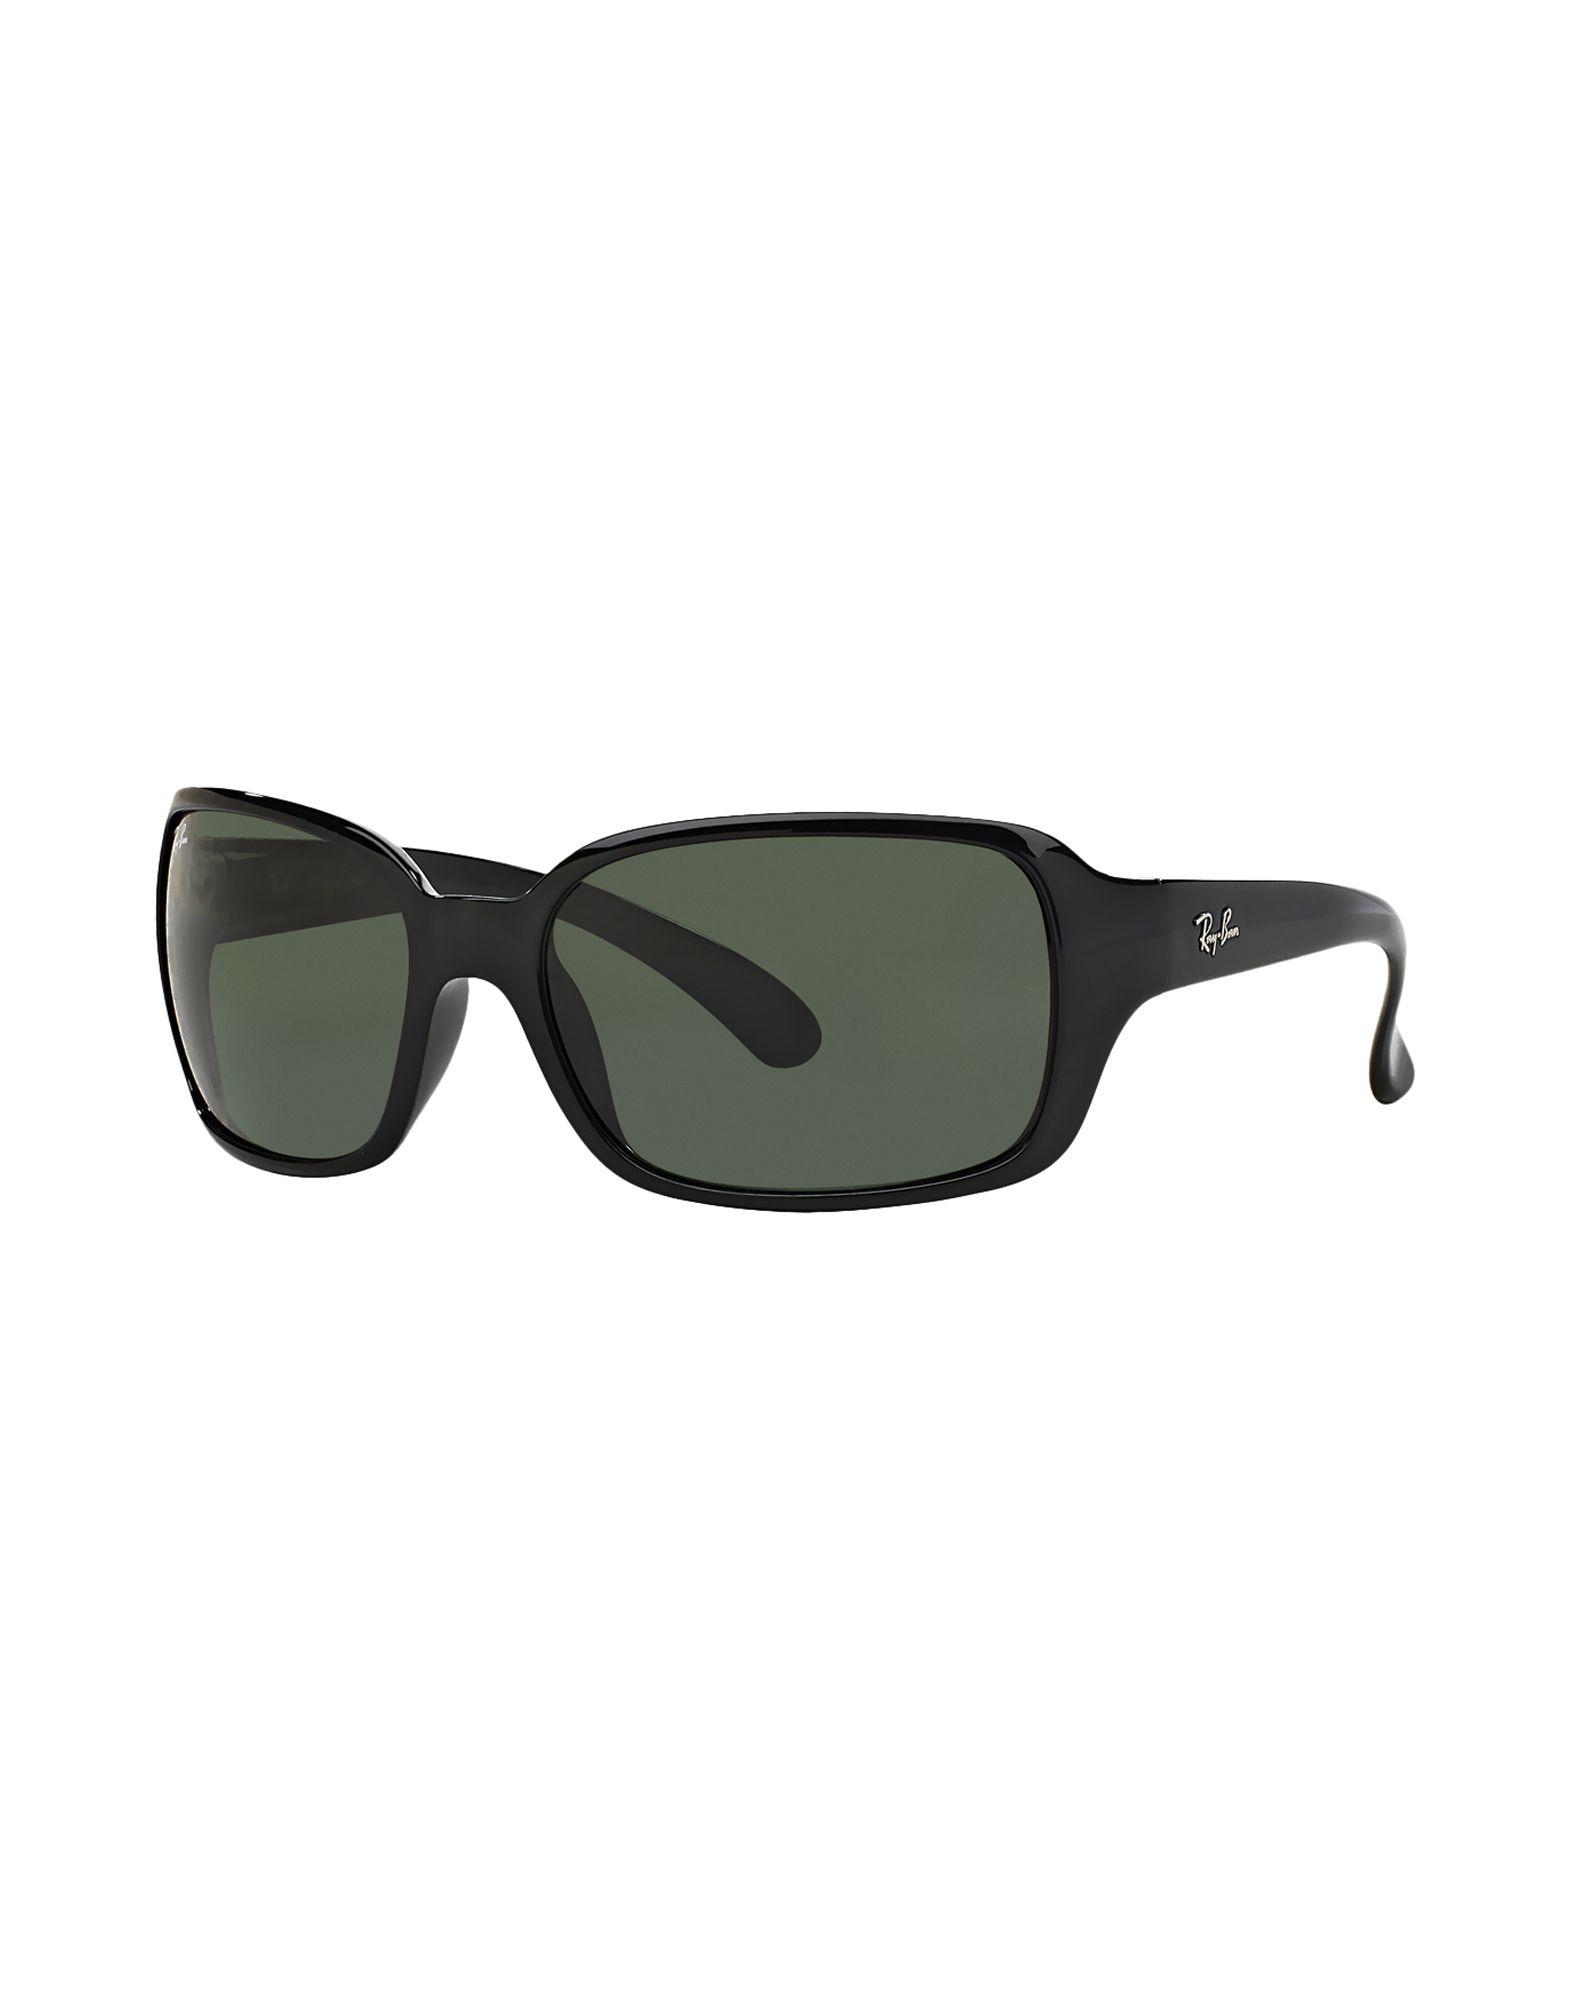 RAY-BAN Damen Sonnenbrille Farbe Schwarz Größe 5 jetztbilligerkaufen